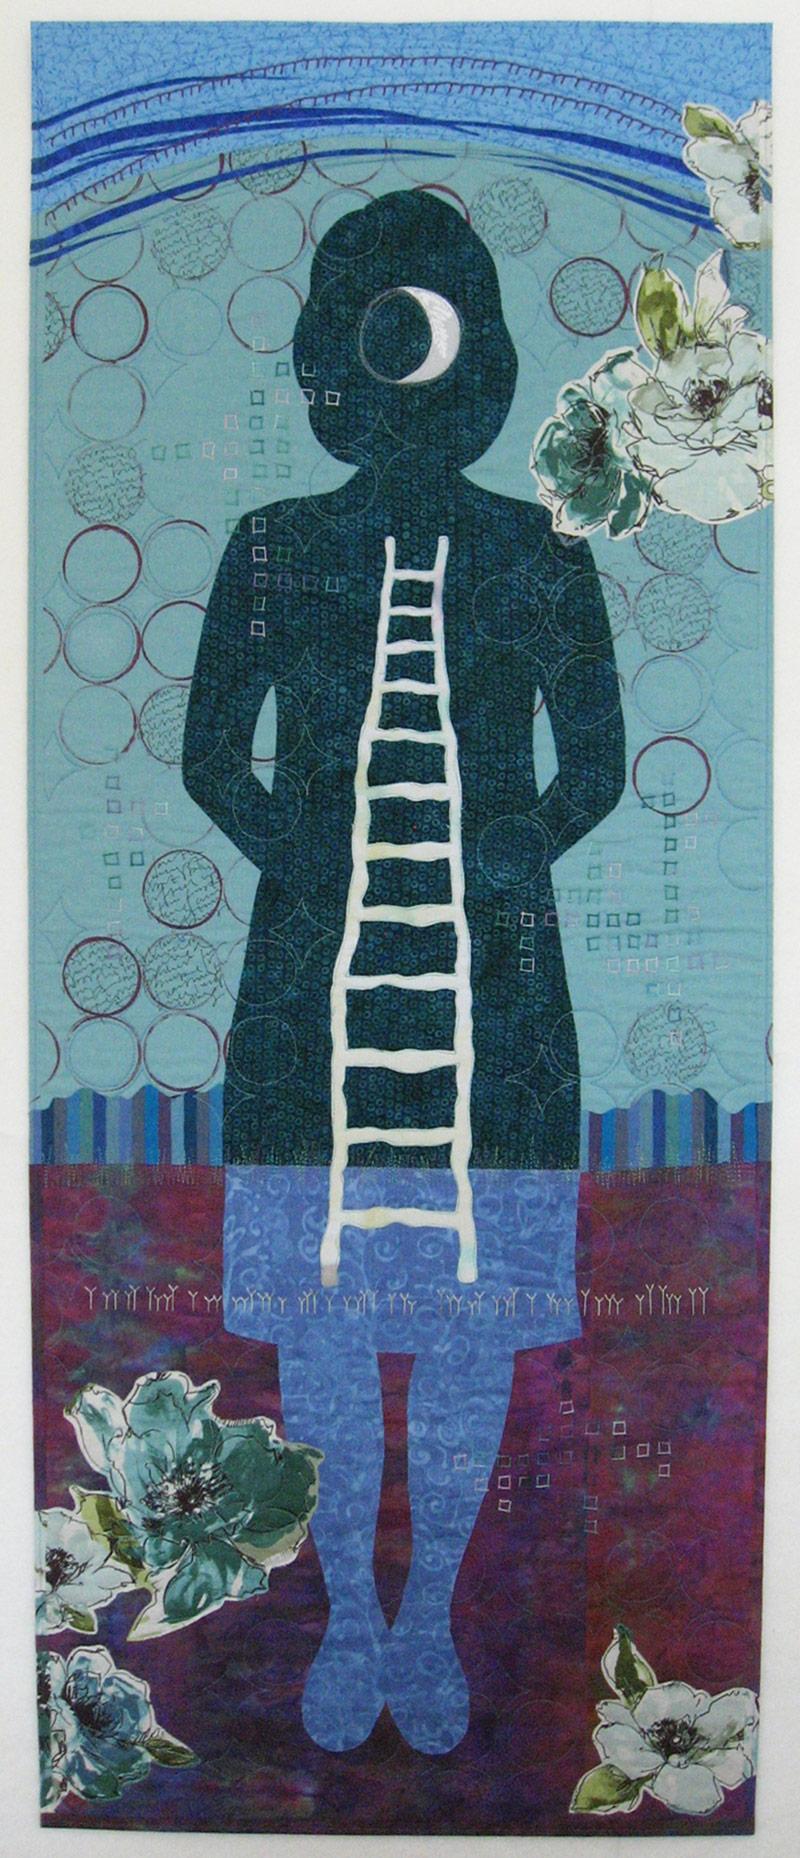 Textile Art Trends  Fiber Art by Deborah Boschert